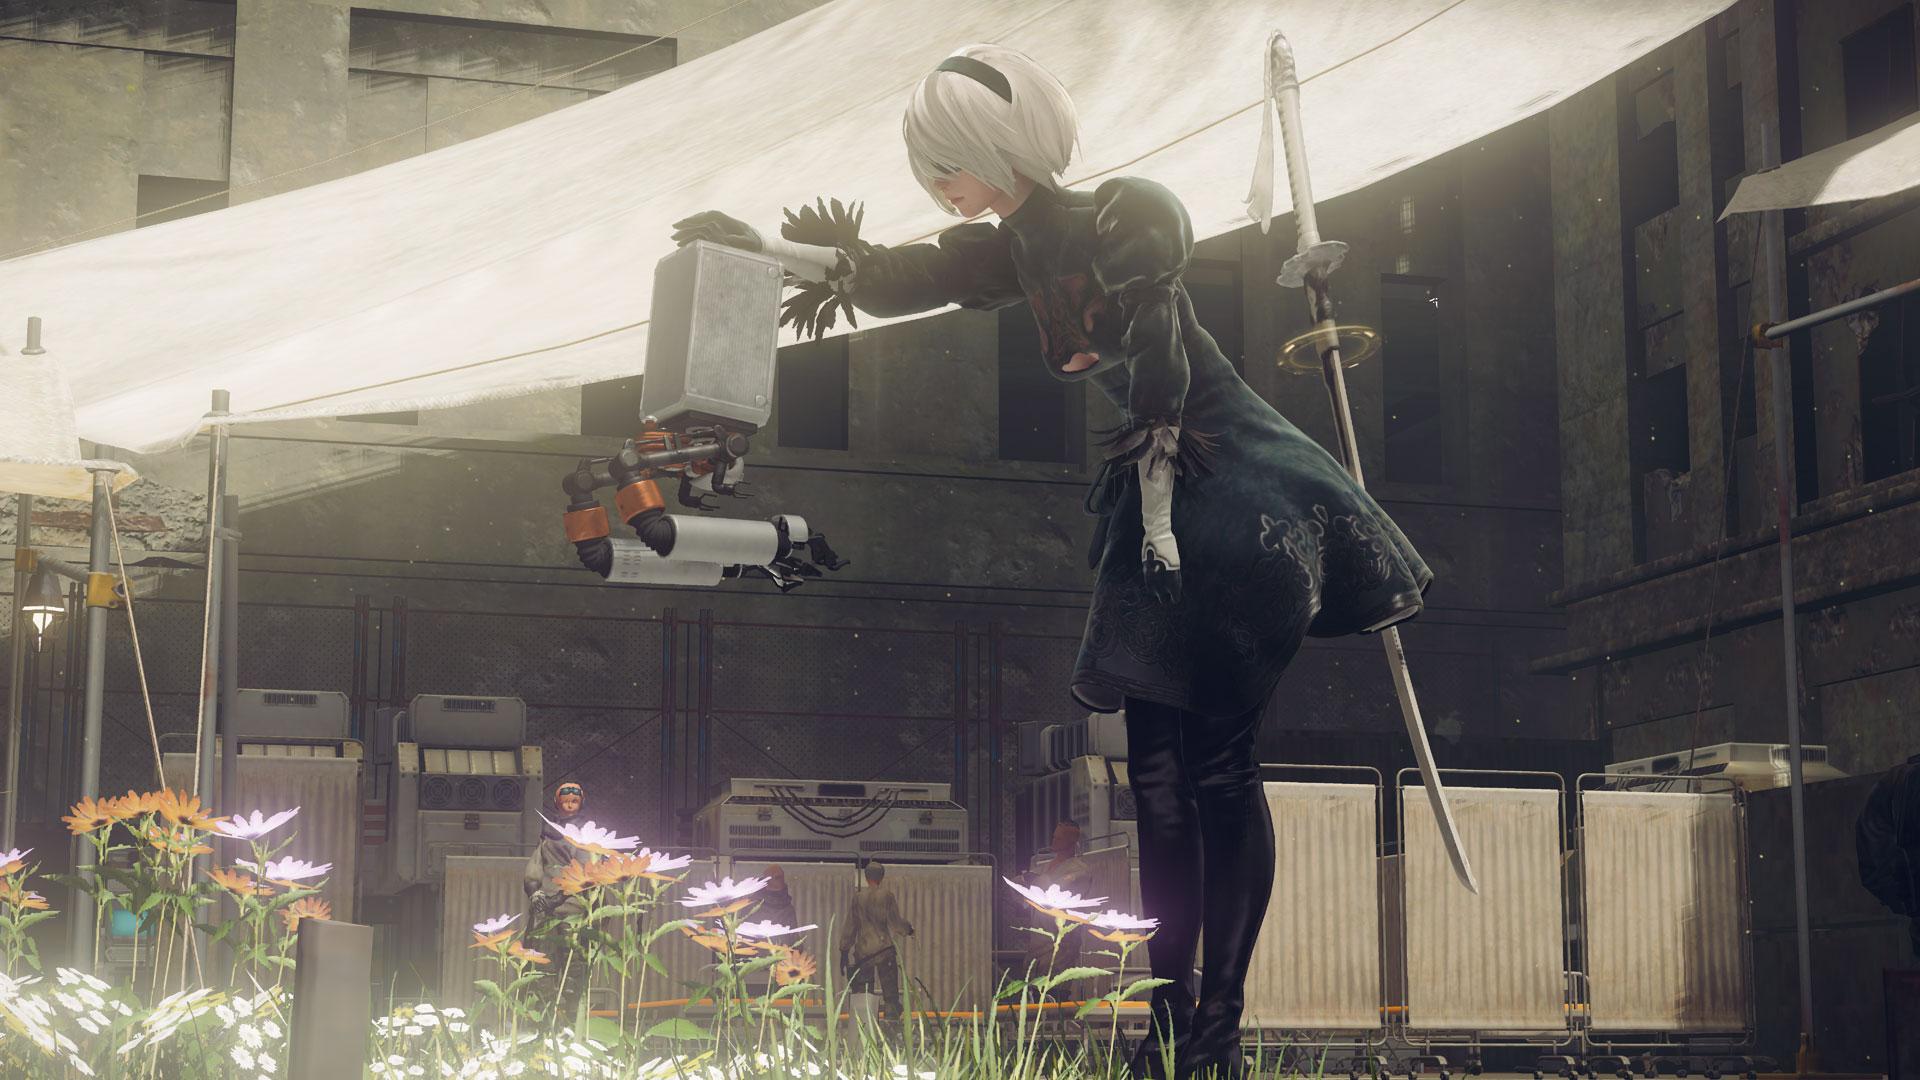 《尼尔:机械纪元》Steam版遭遇差评轰炸 玩家要求SE打补丁